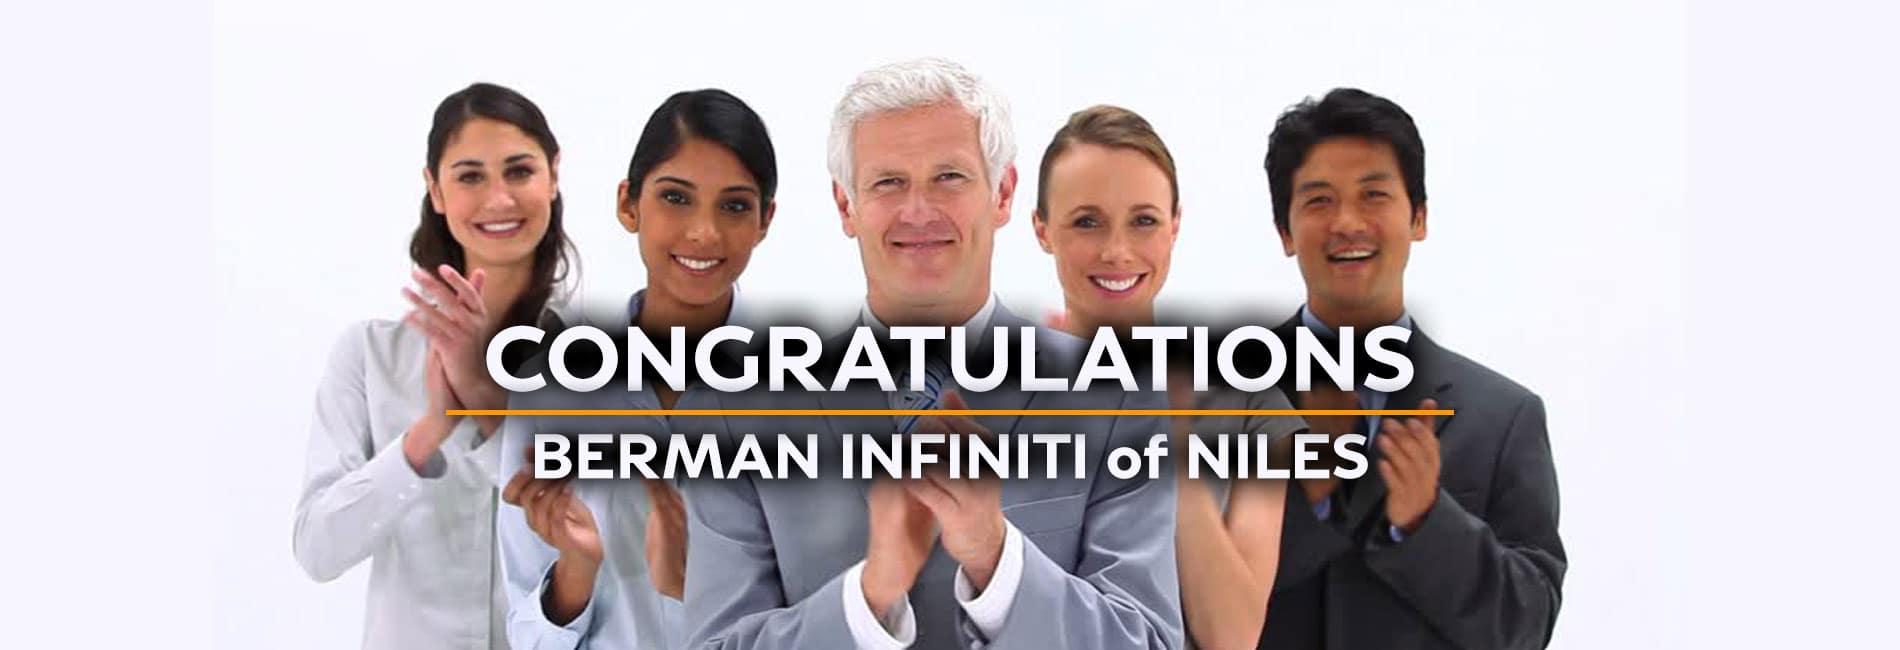 Congratulations from Berman INFINITI of Niles